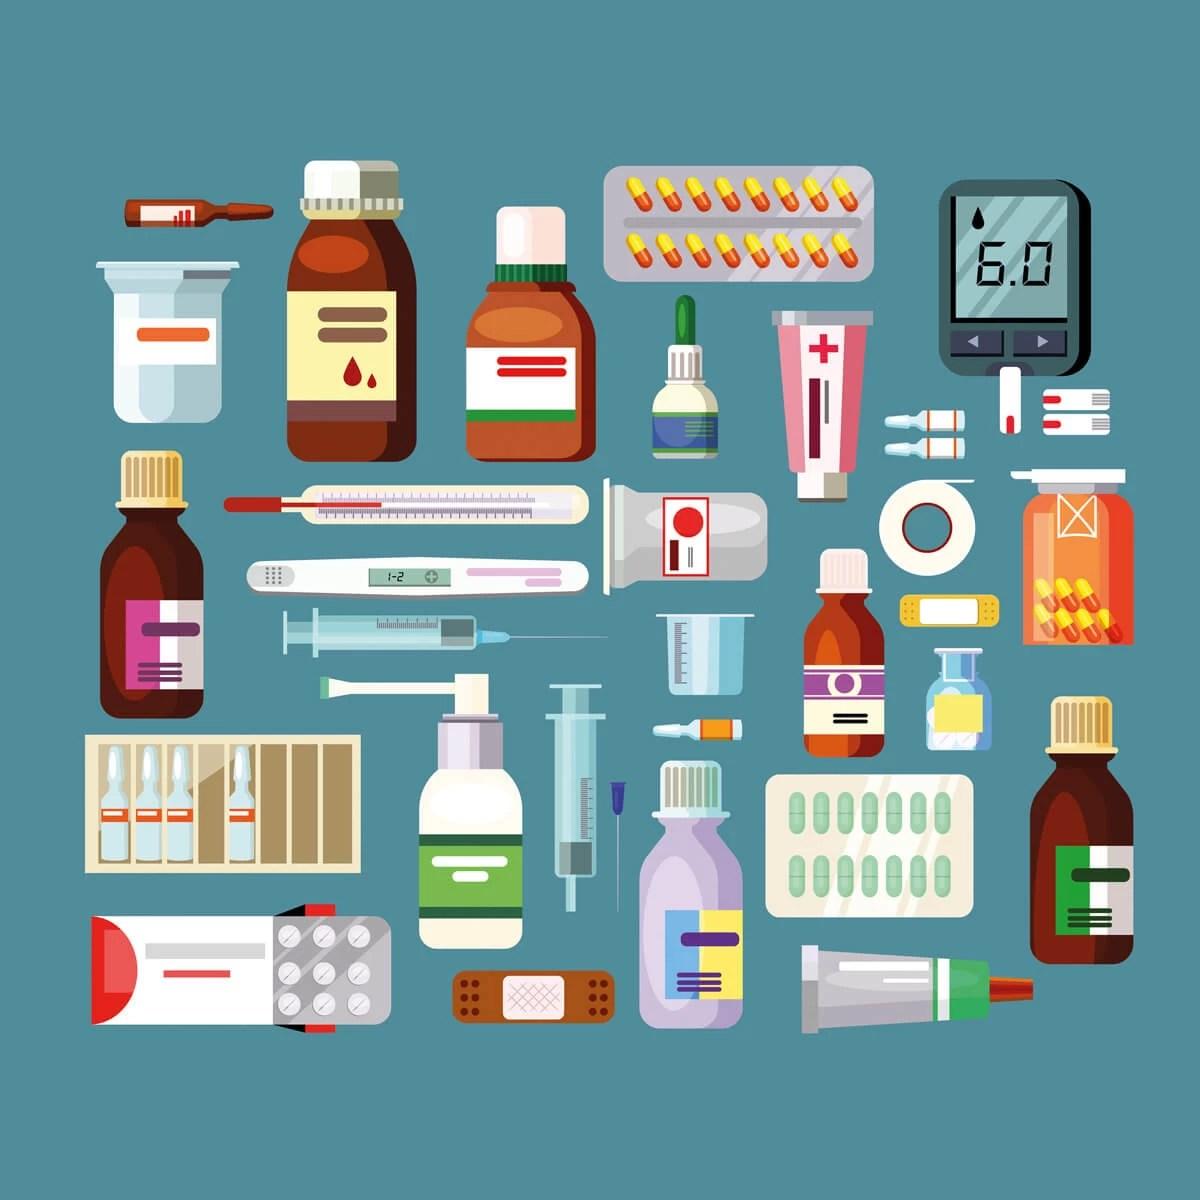 ilaç Tanıtım Rehberi ve Tibbi İnceleme Platformu Arka Plan Resmi